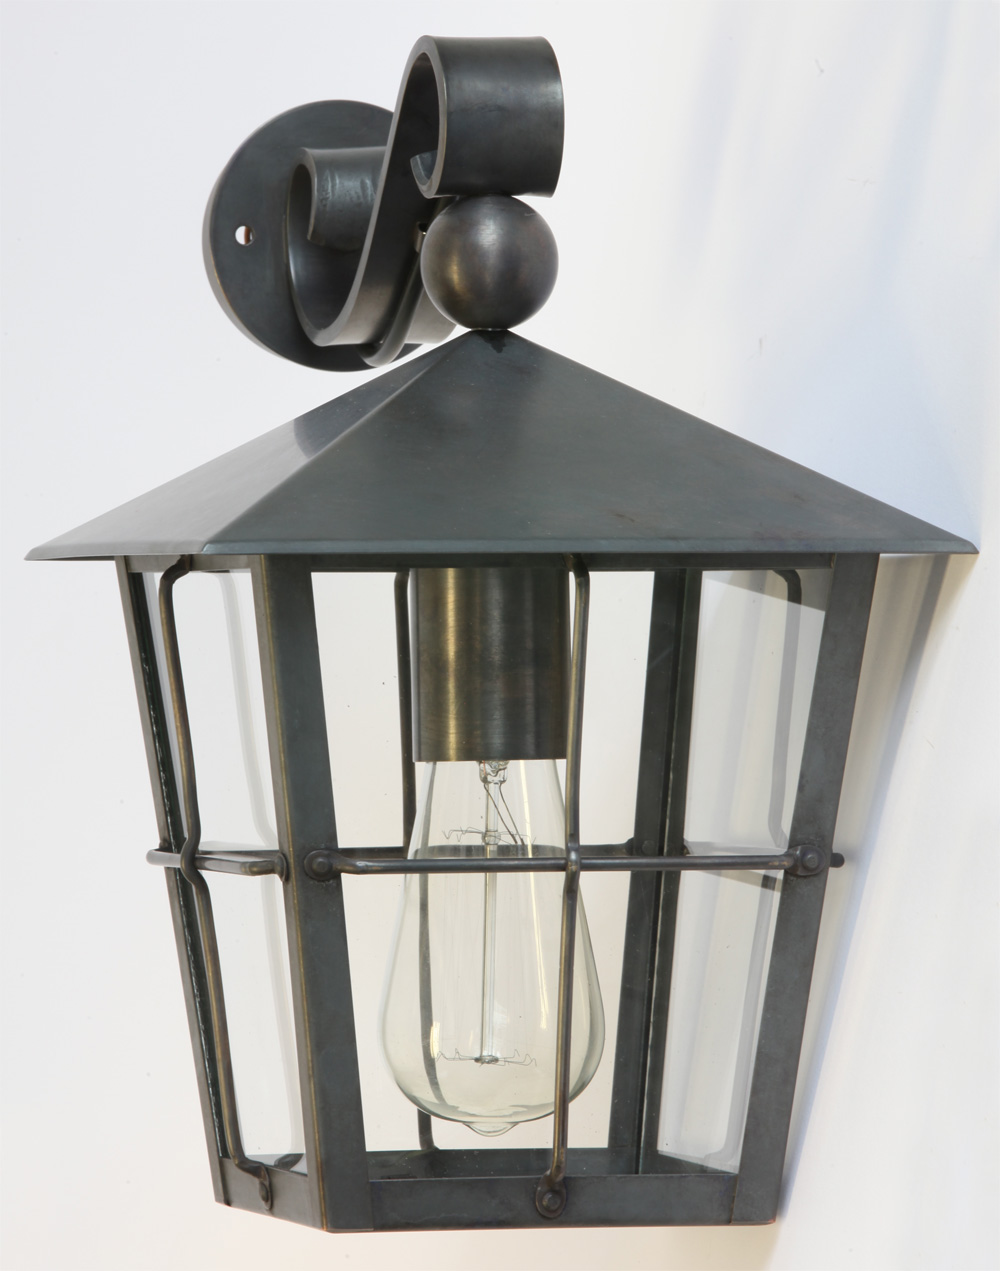 bayerische messing kupfer wandleuchte schliersee terra lumi. Black Bedroom Furniture Sets. Home Design Ideas